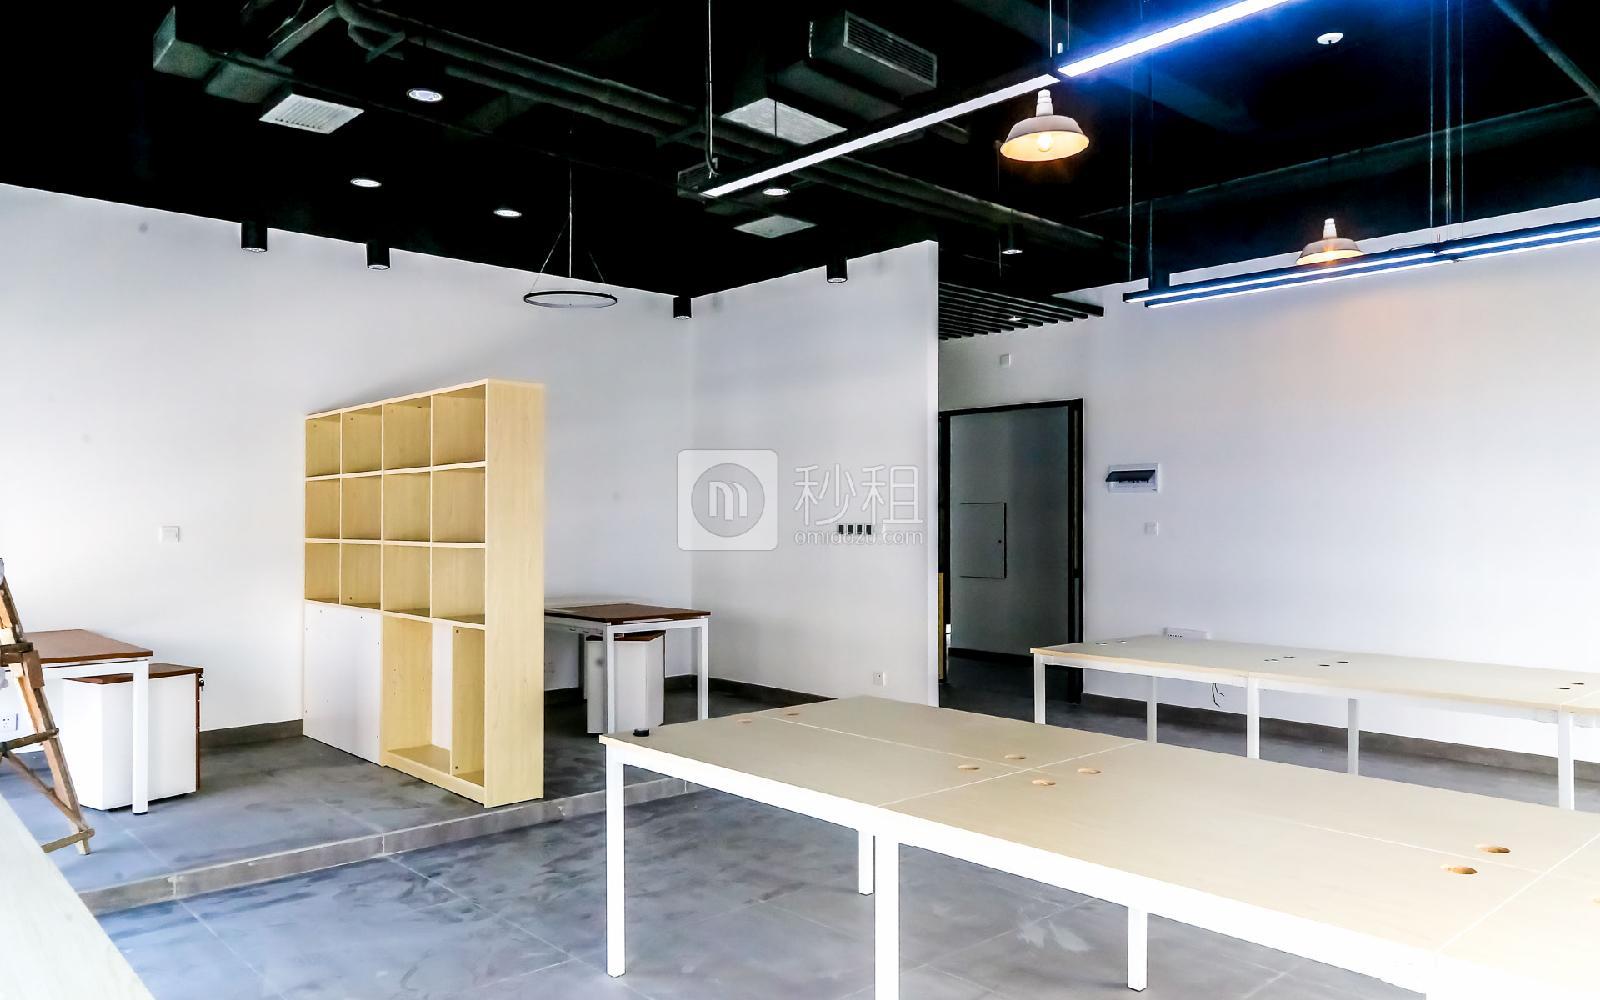 硅谷大院写字楼出租36平米精装办公室5160元/间.月